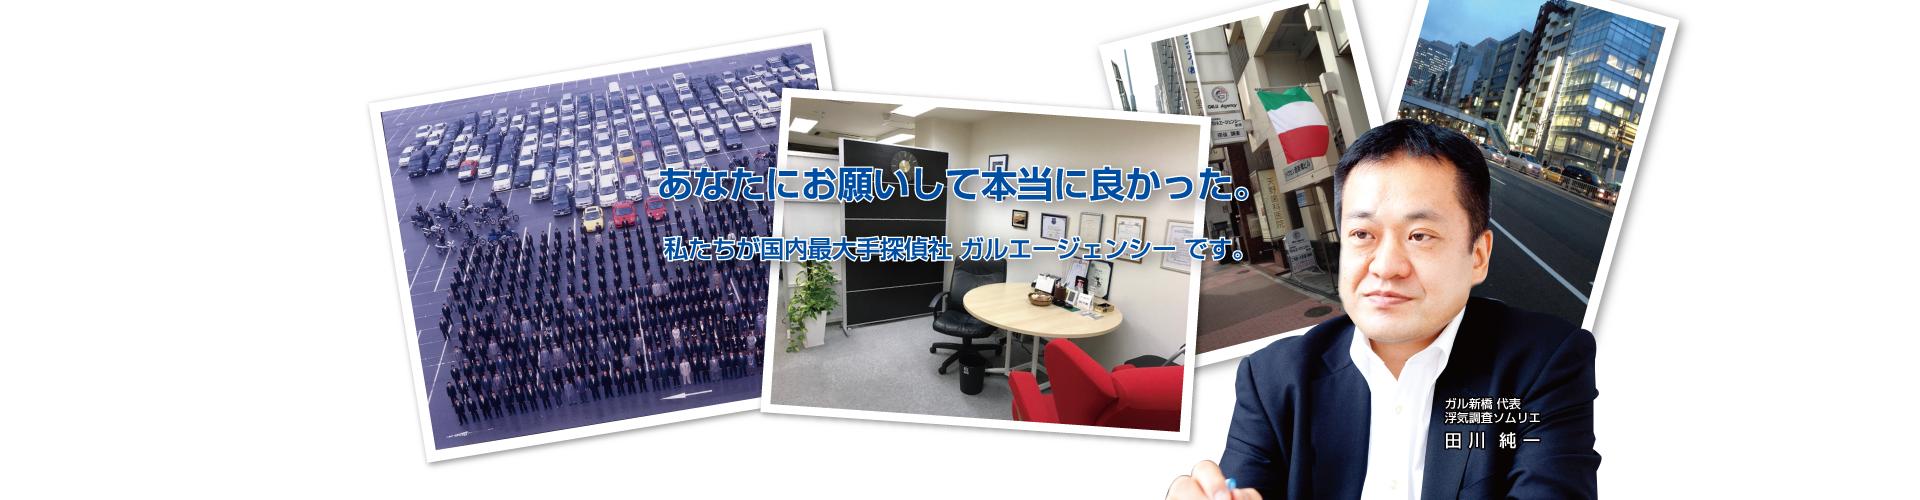 総合探偵社ガルエージェンシー新橋